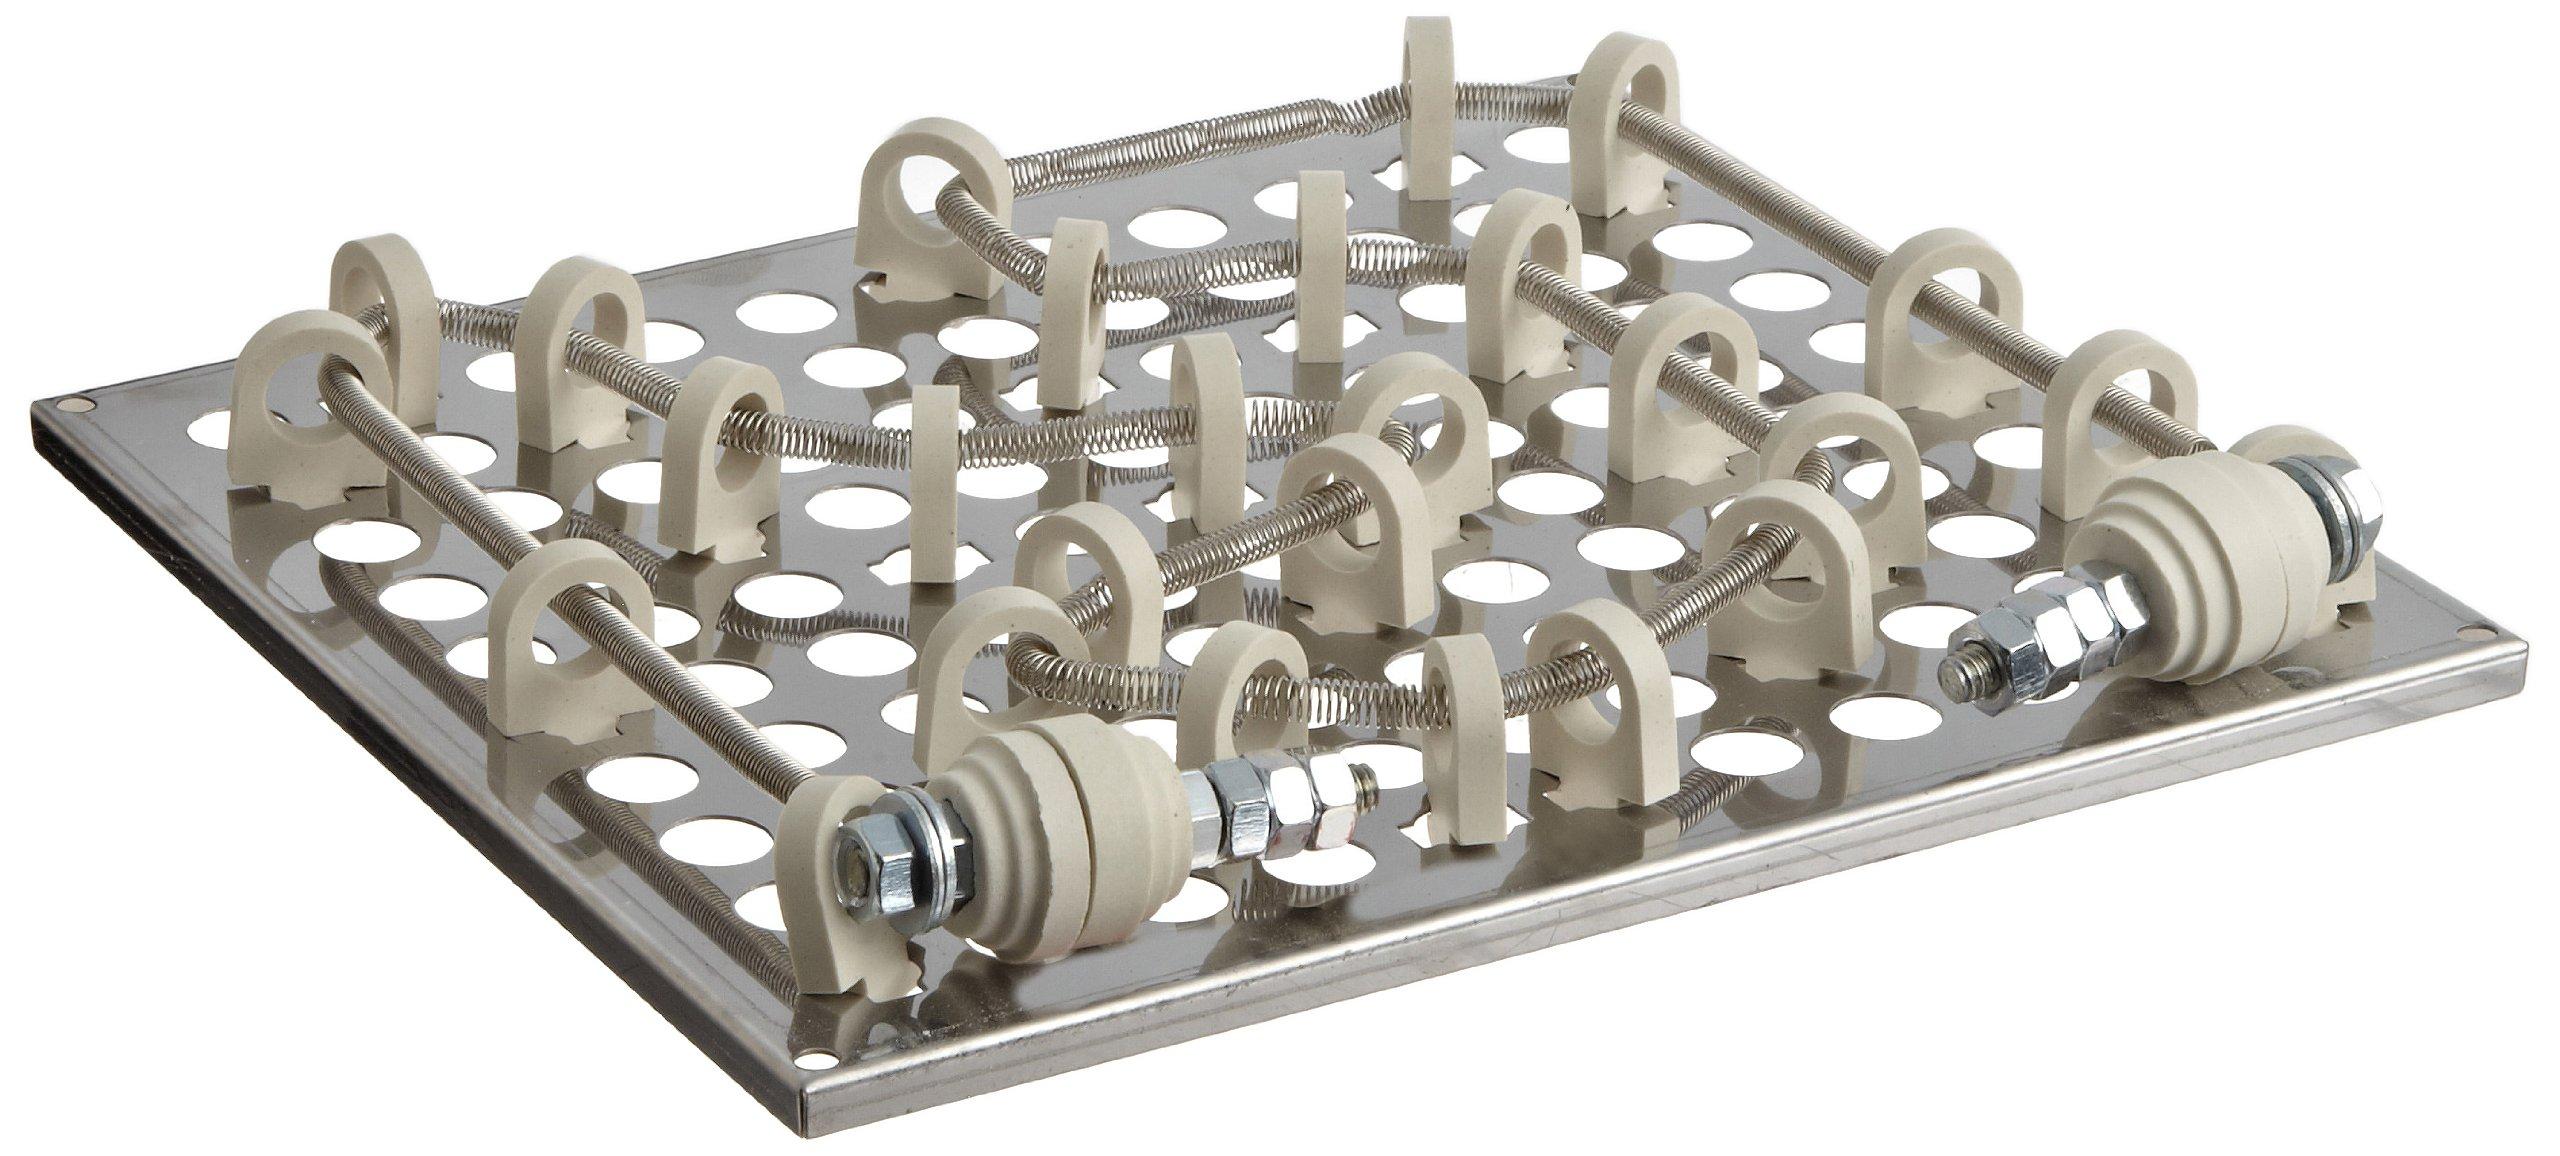 Thomas 9570642 Heating Element TSOVG1, for Series 1300 Bath, 220V by Thomas (Image #1)